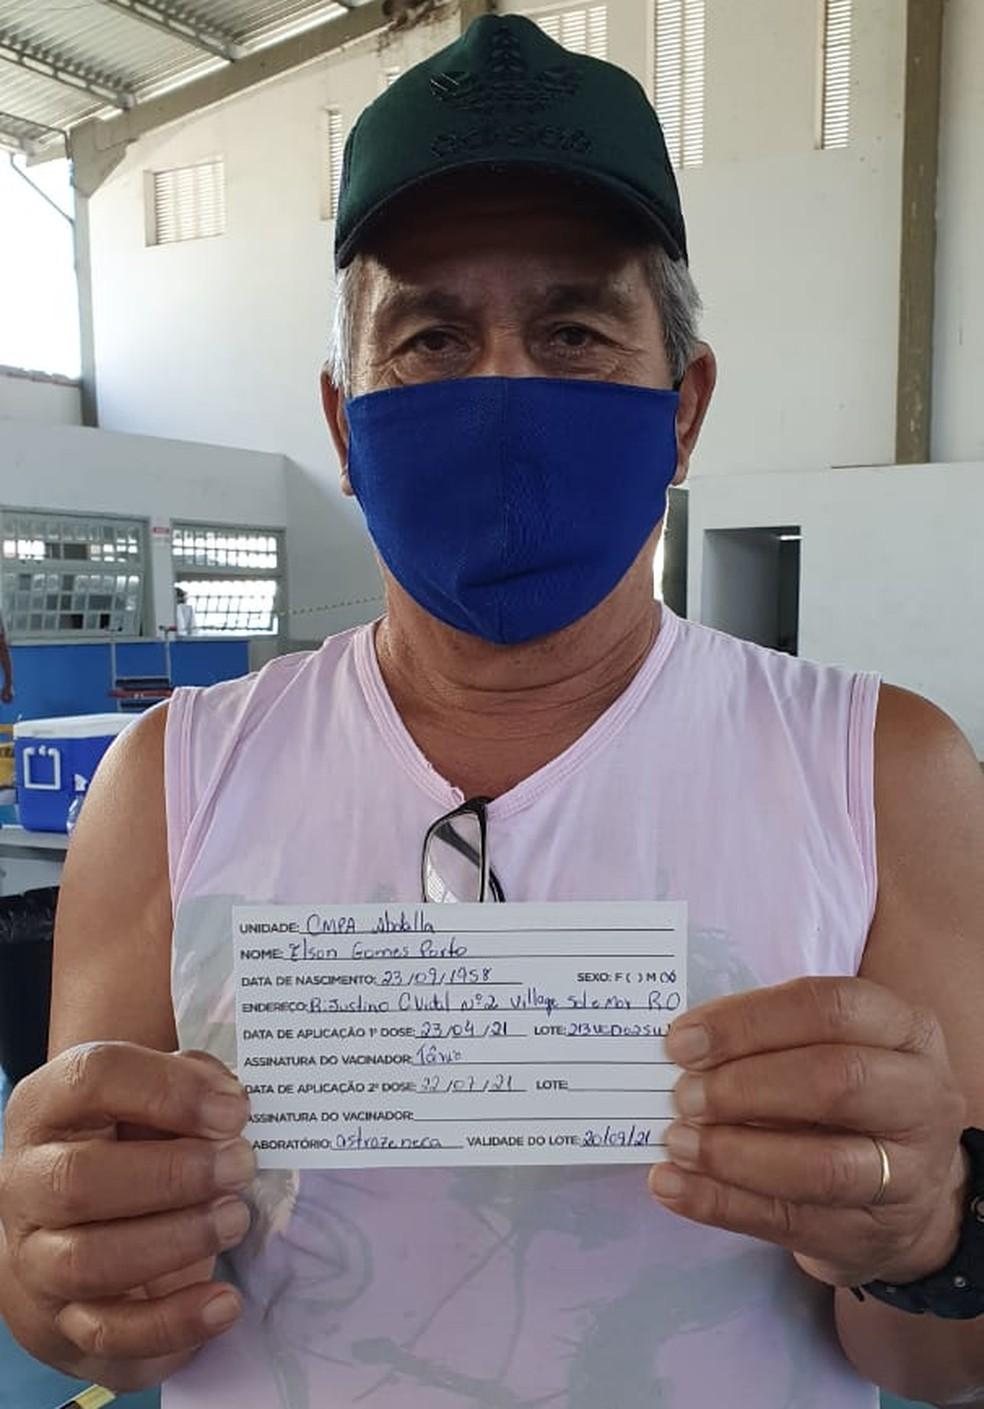 Elson Porto, de 62 anos, recebeu a dose da vacina na última sexta-feira (23) em Rio das Ostras, no RJ — Foto: Arquivo pessoal